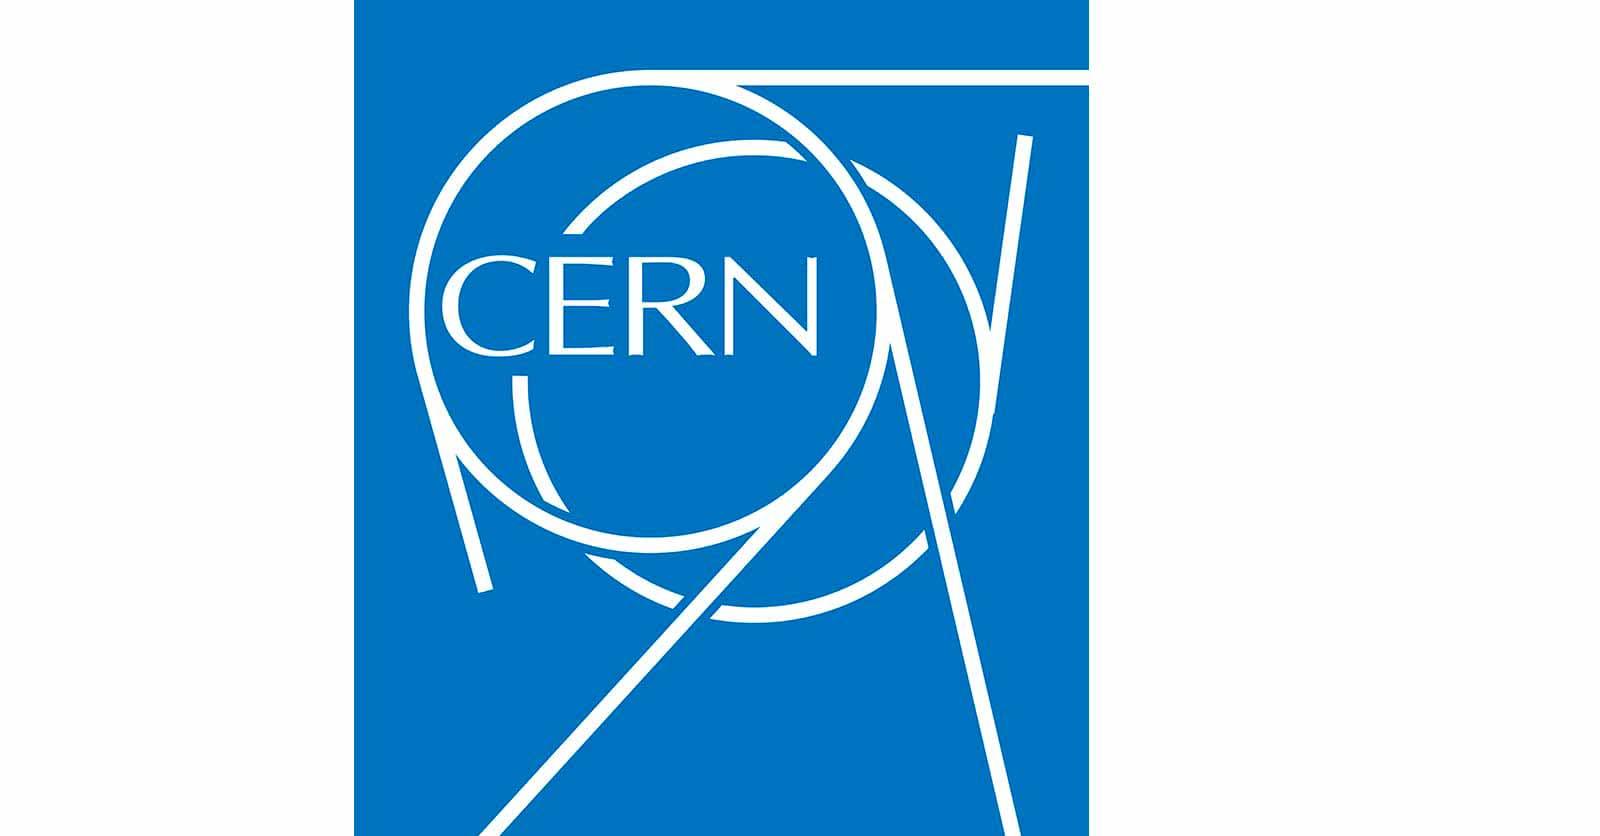 CERN 4